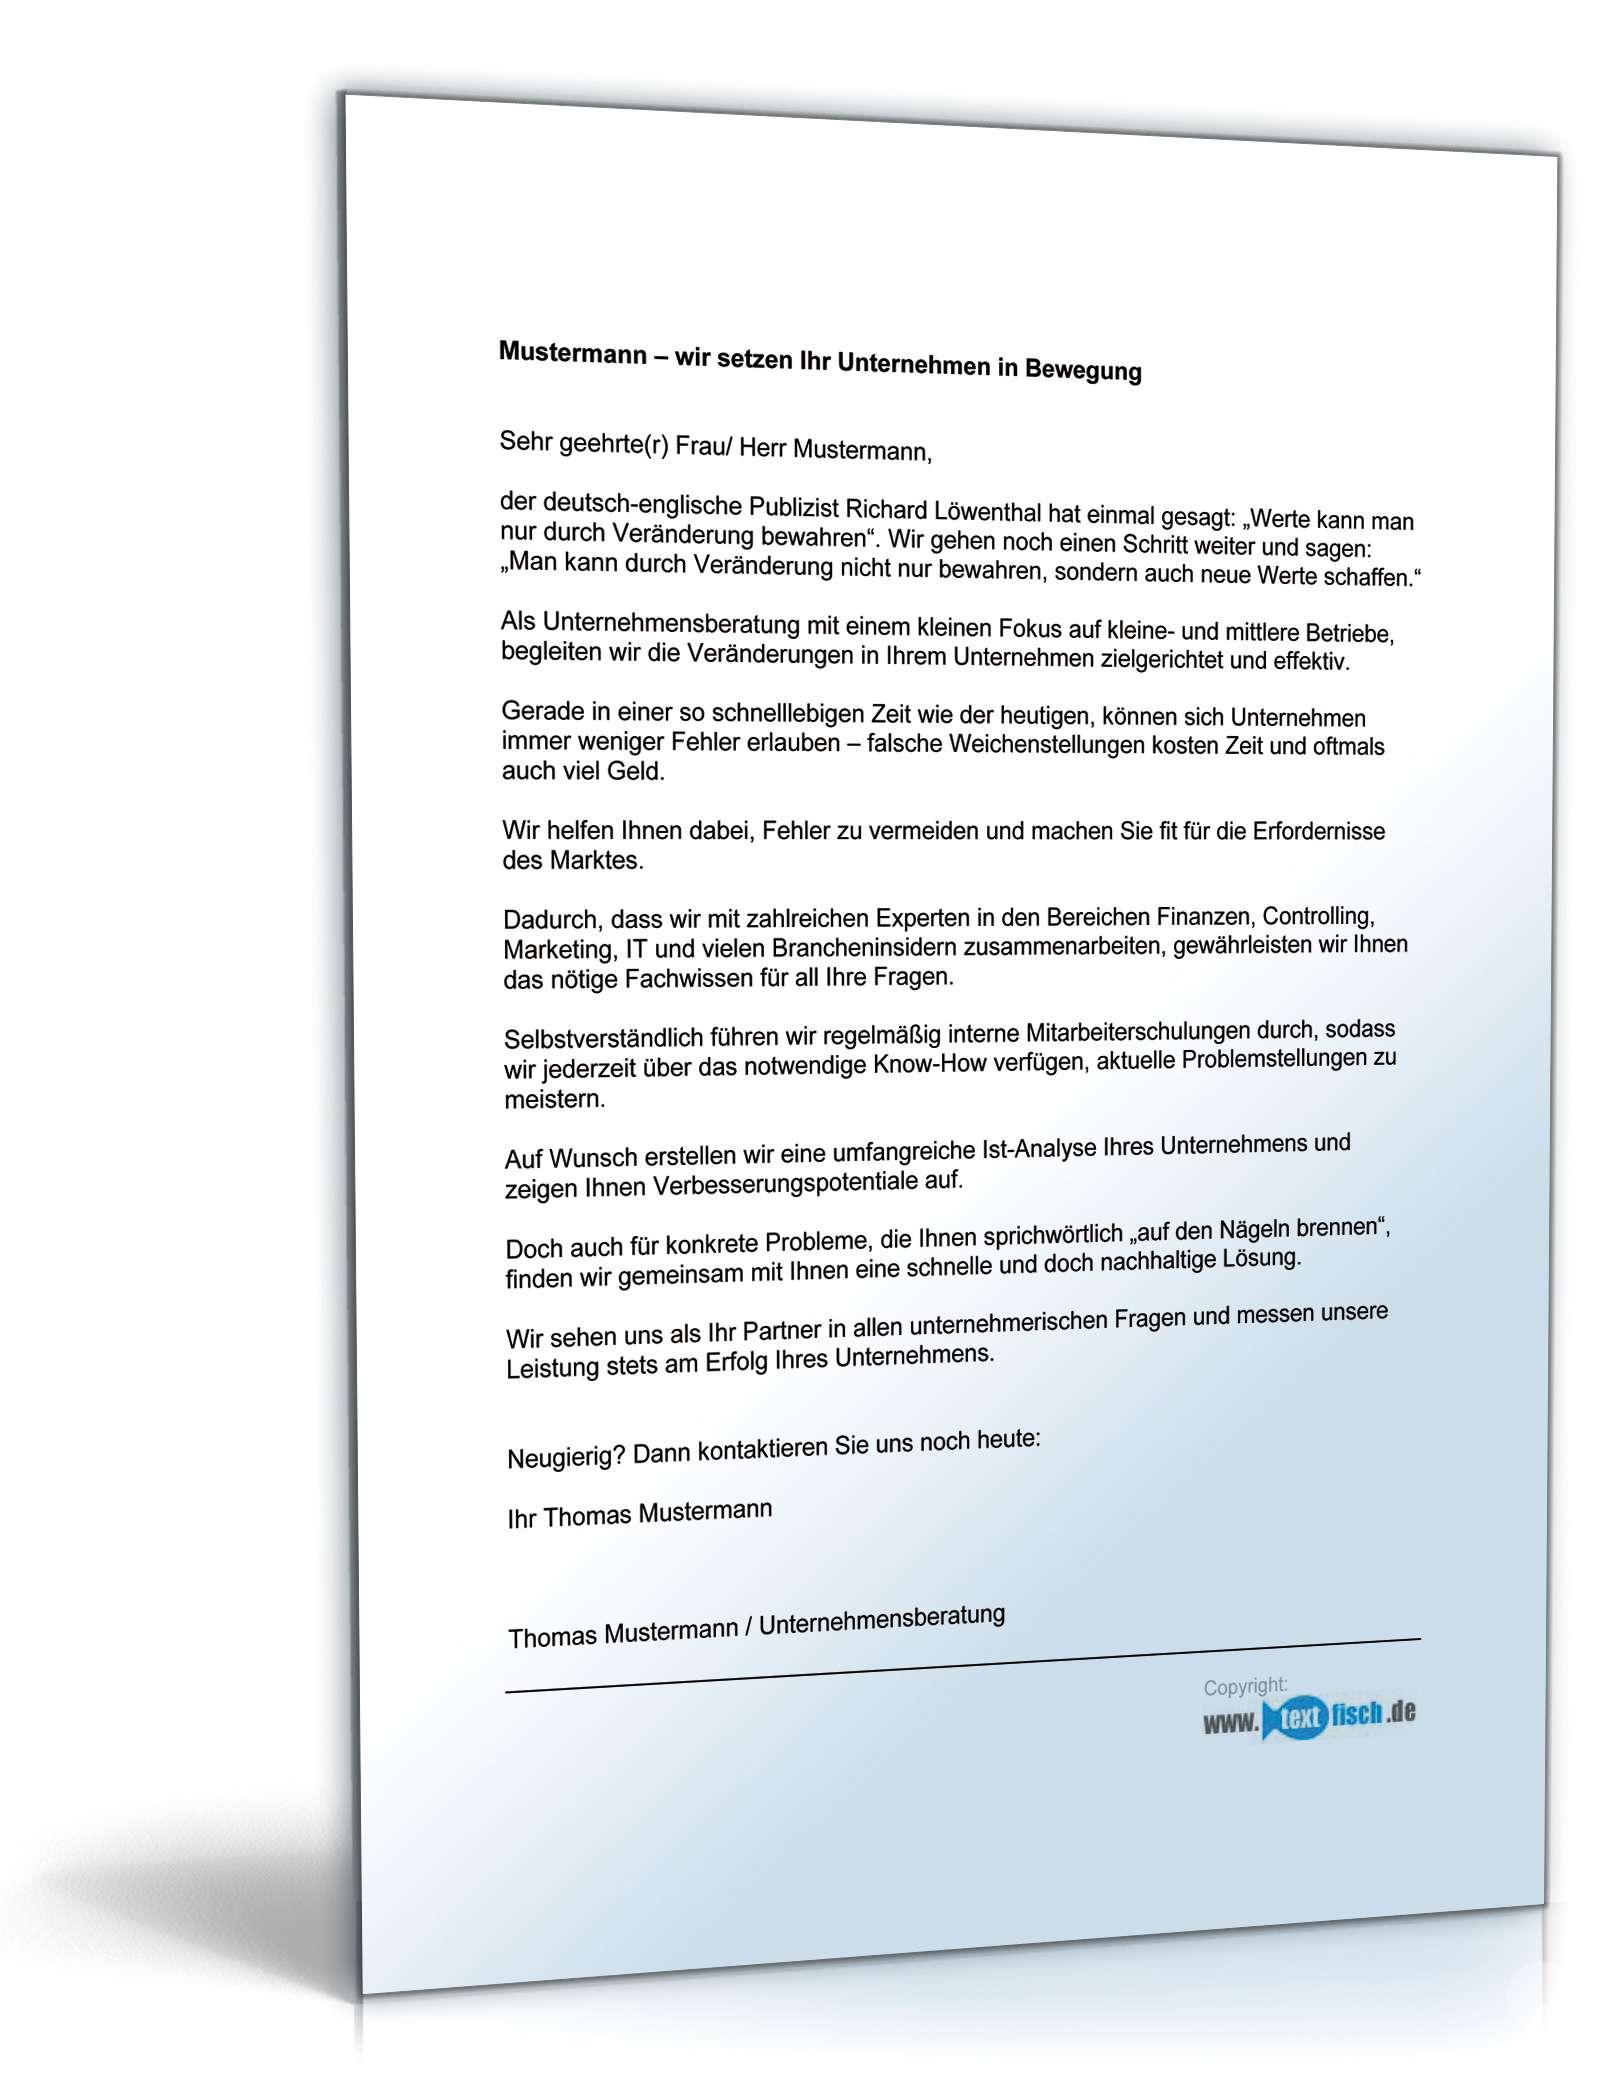 Werbebrief Für Unternehmensberatung Muster Zum Download